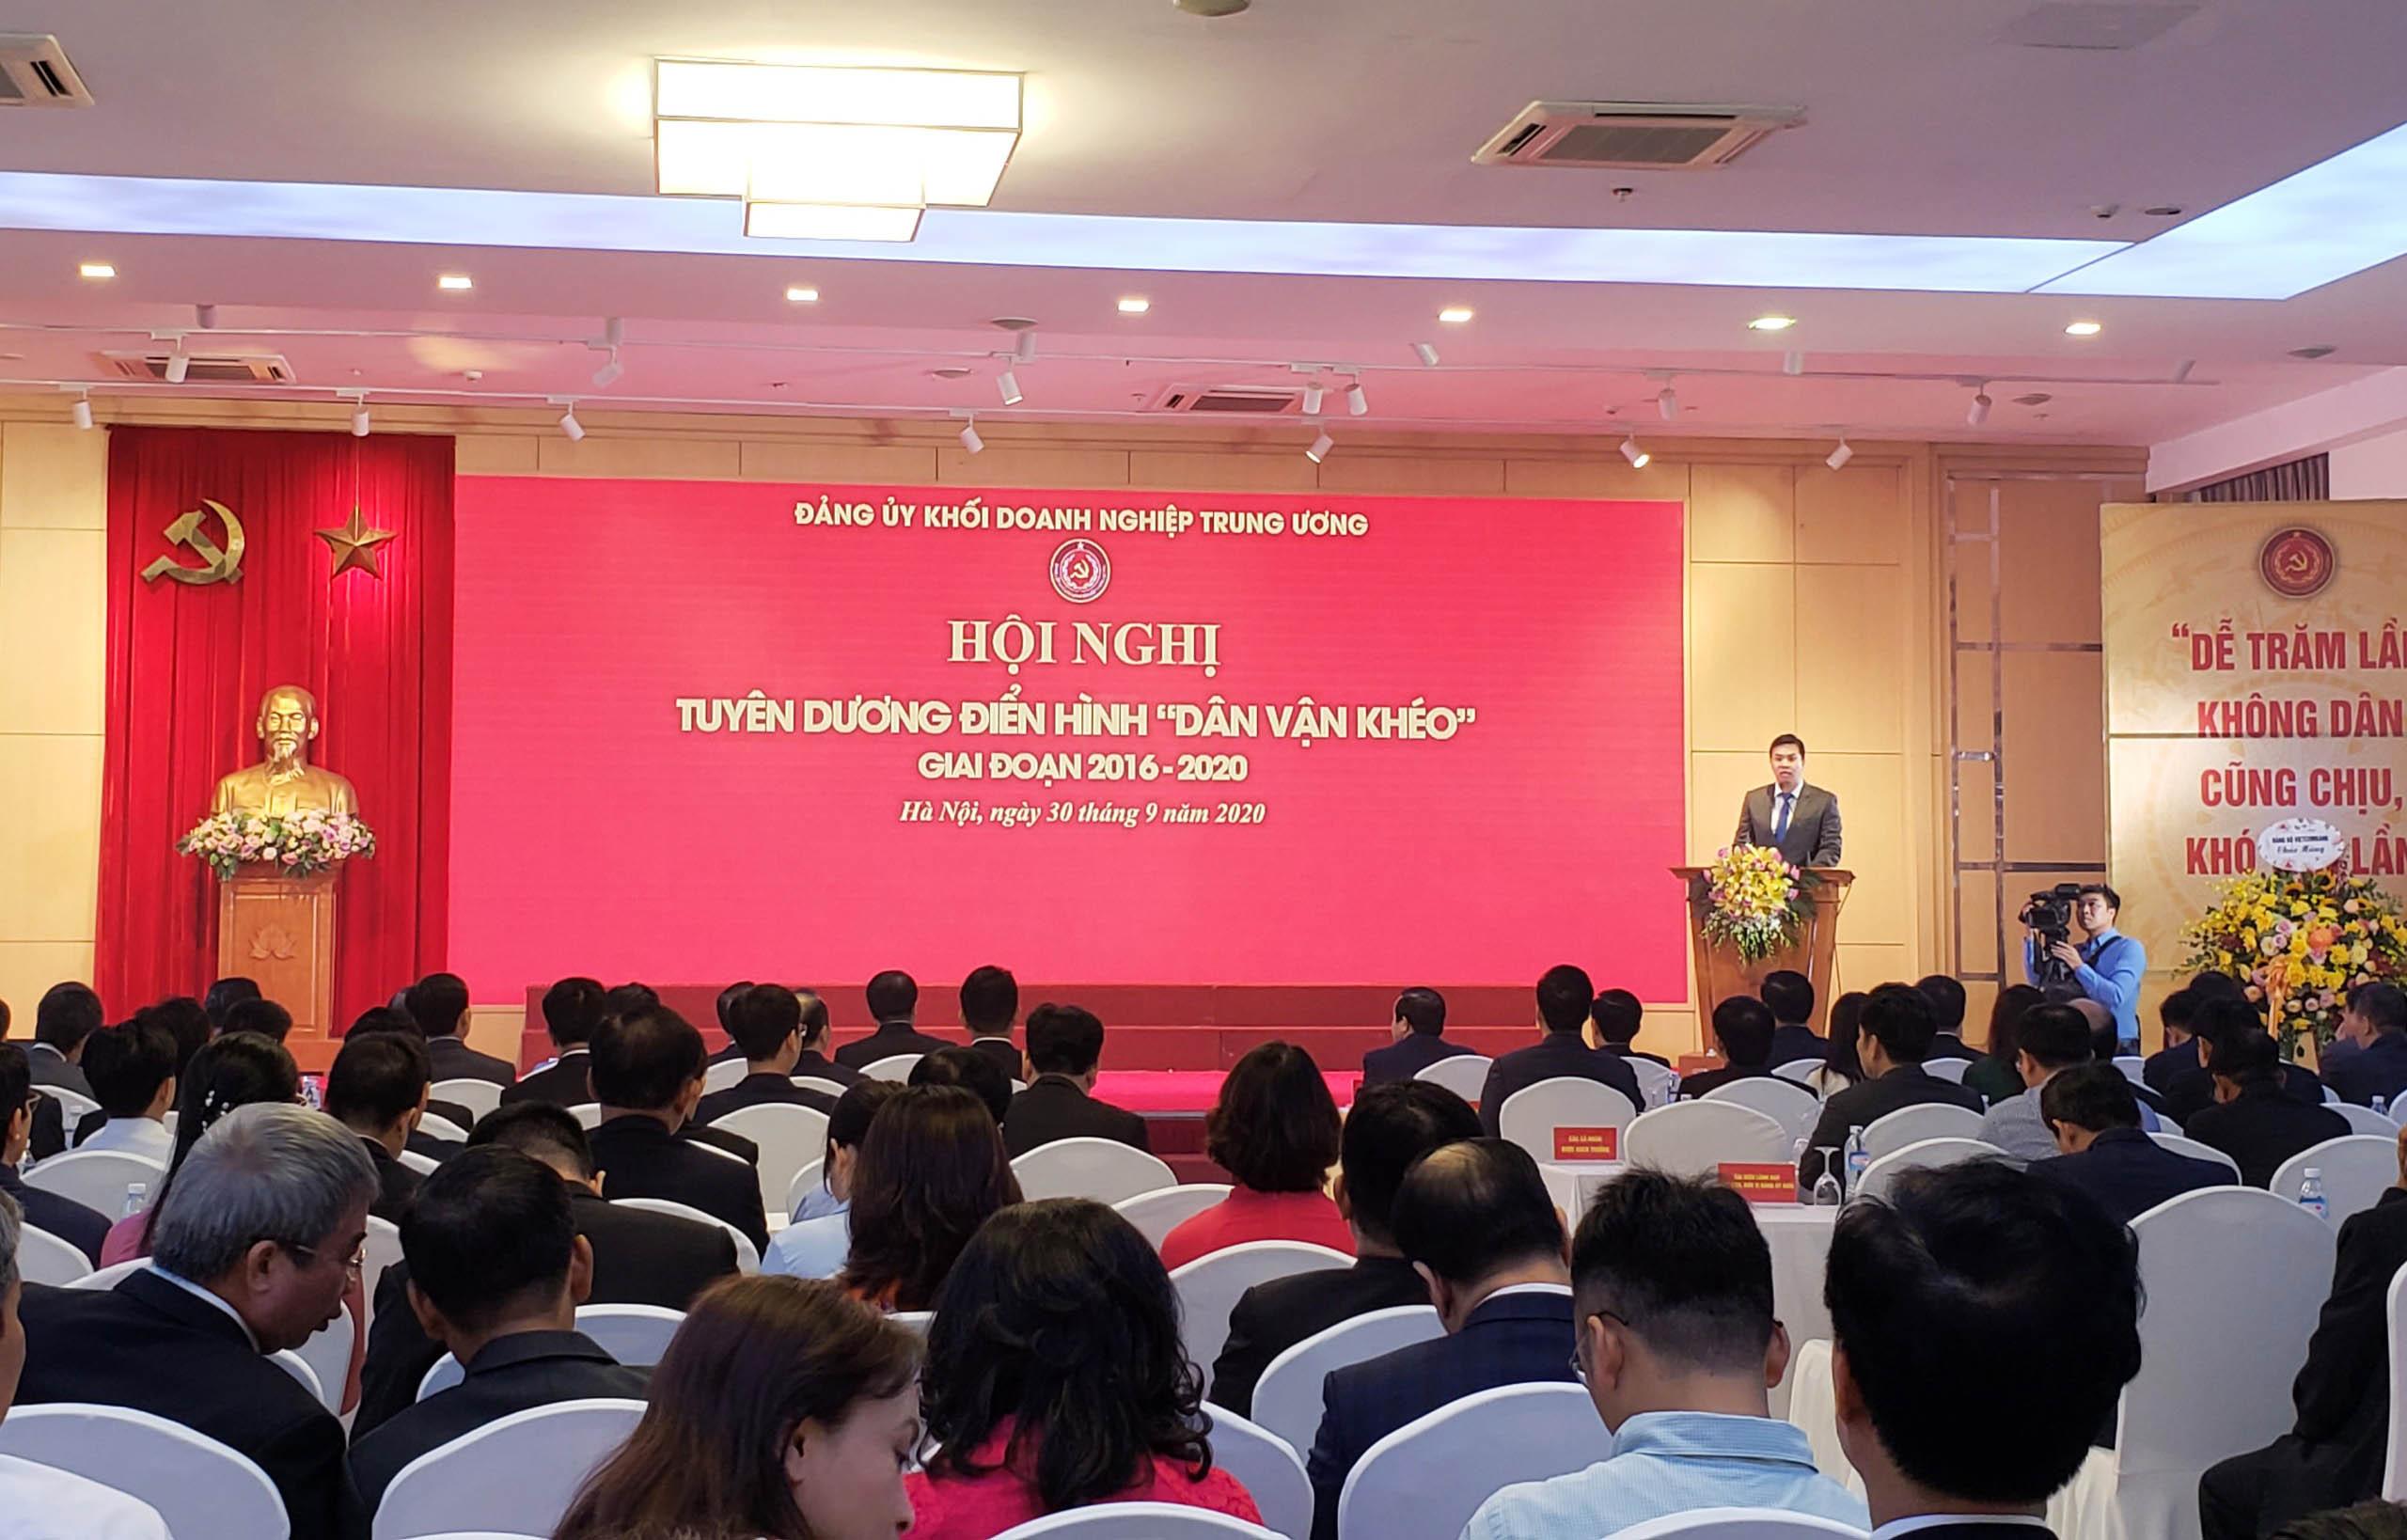 Đảng ủy Khối Doanh nghiệp Trung ương tuyên dương các điển hình 'Dân vận khéo' tại HTD2